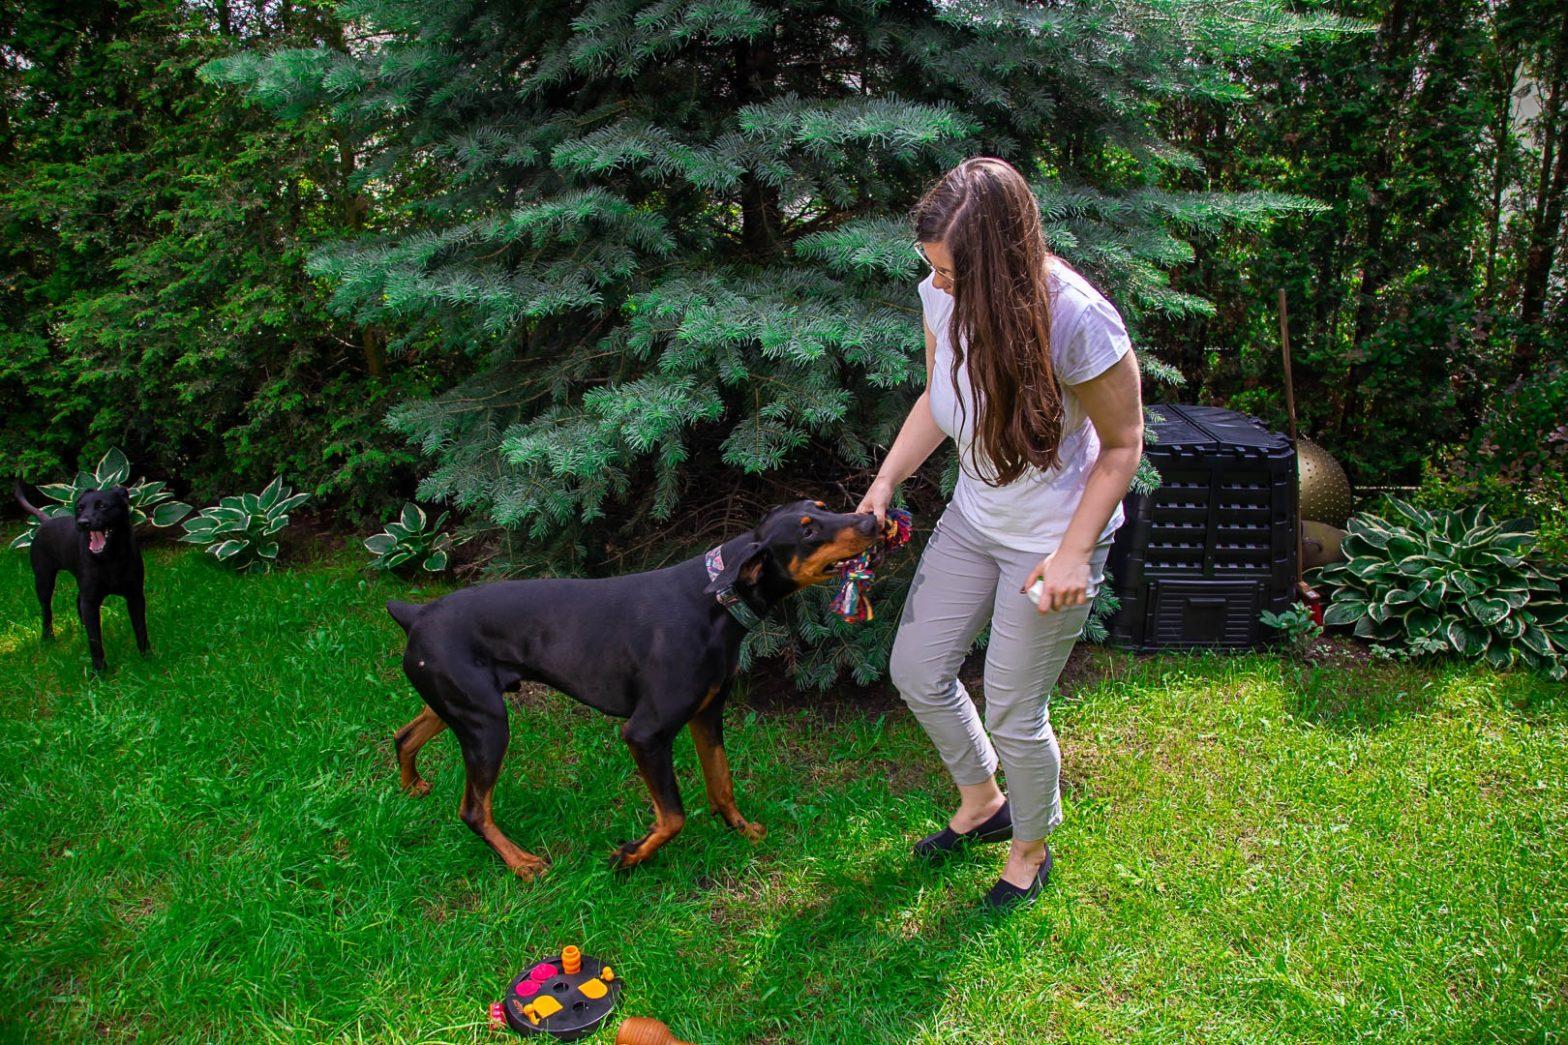 Obrazek wyróżniający wpisu Zabawki do szarpania i przeciągania się z psem